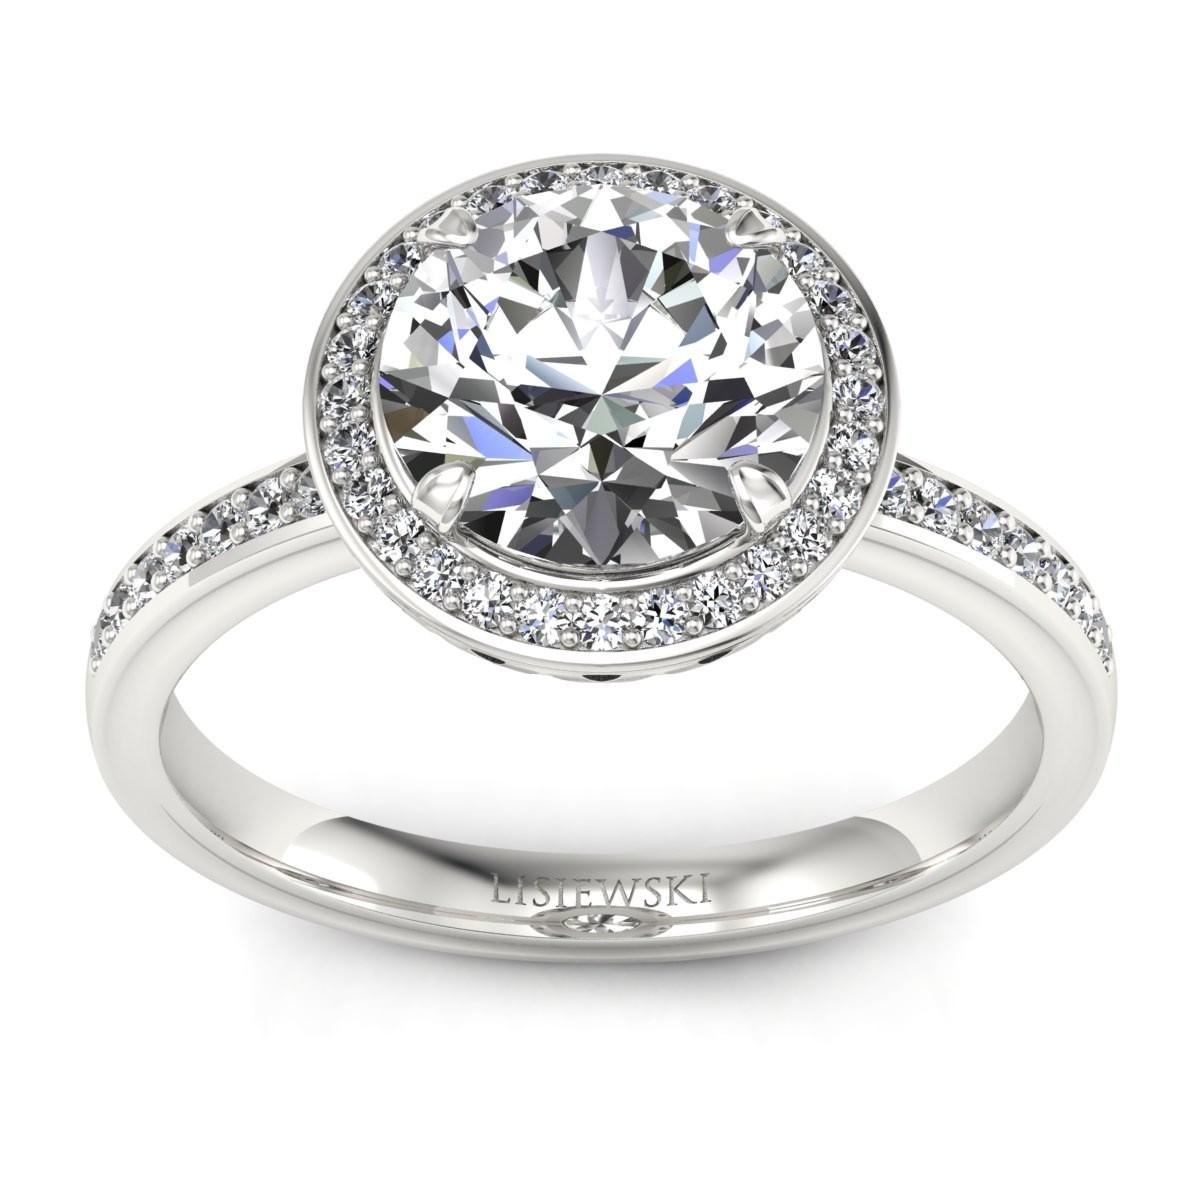 Manhattan - Platynowy pierścionek z diamentami